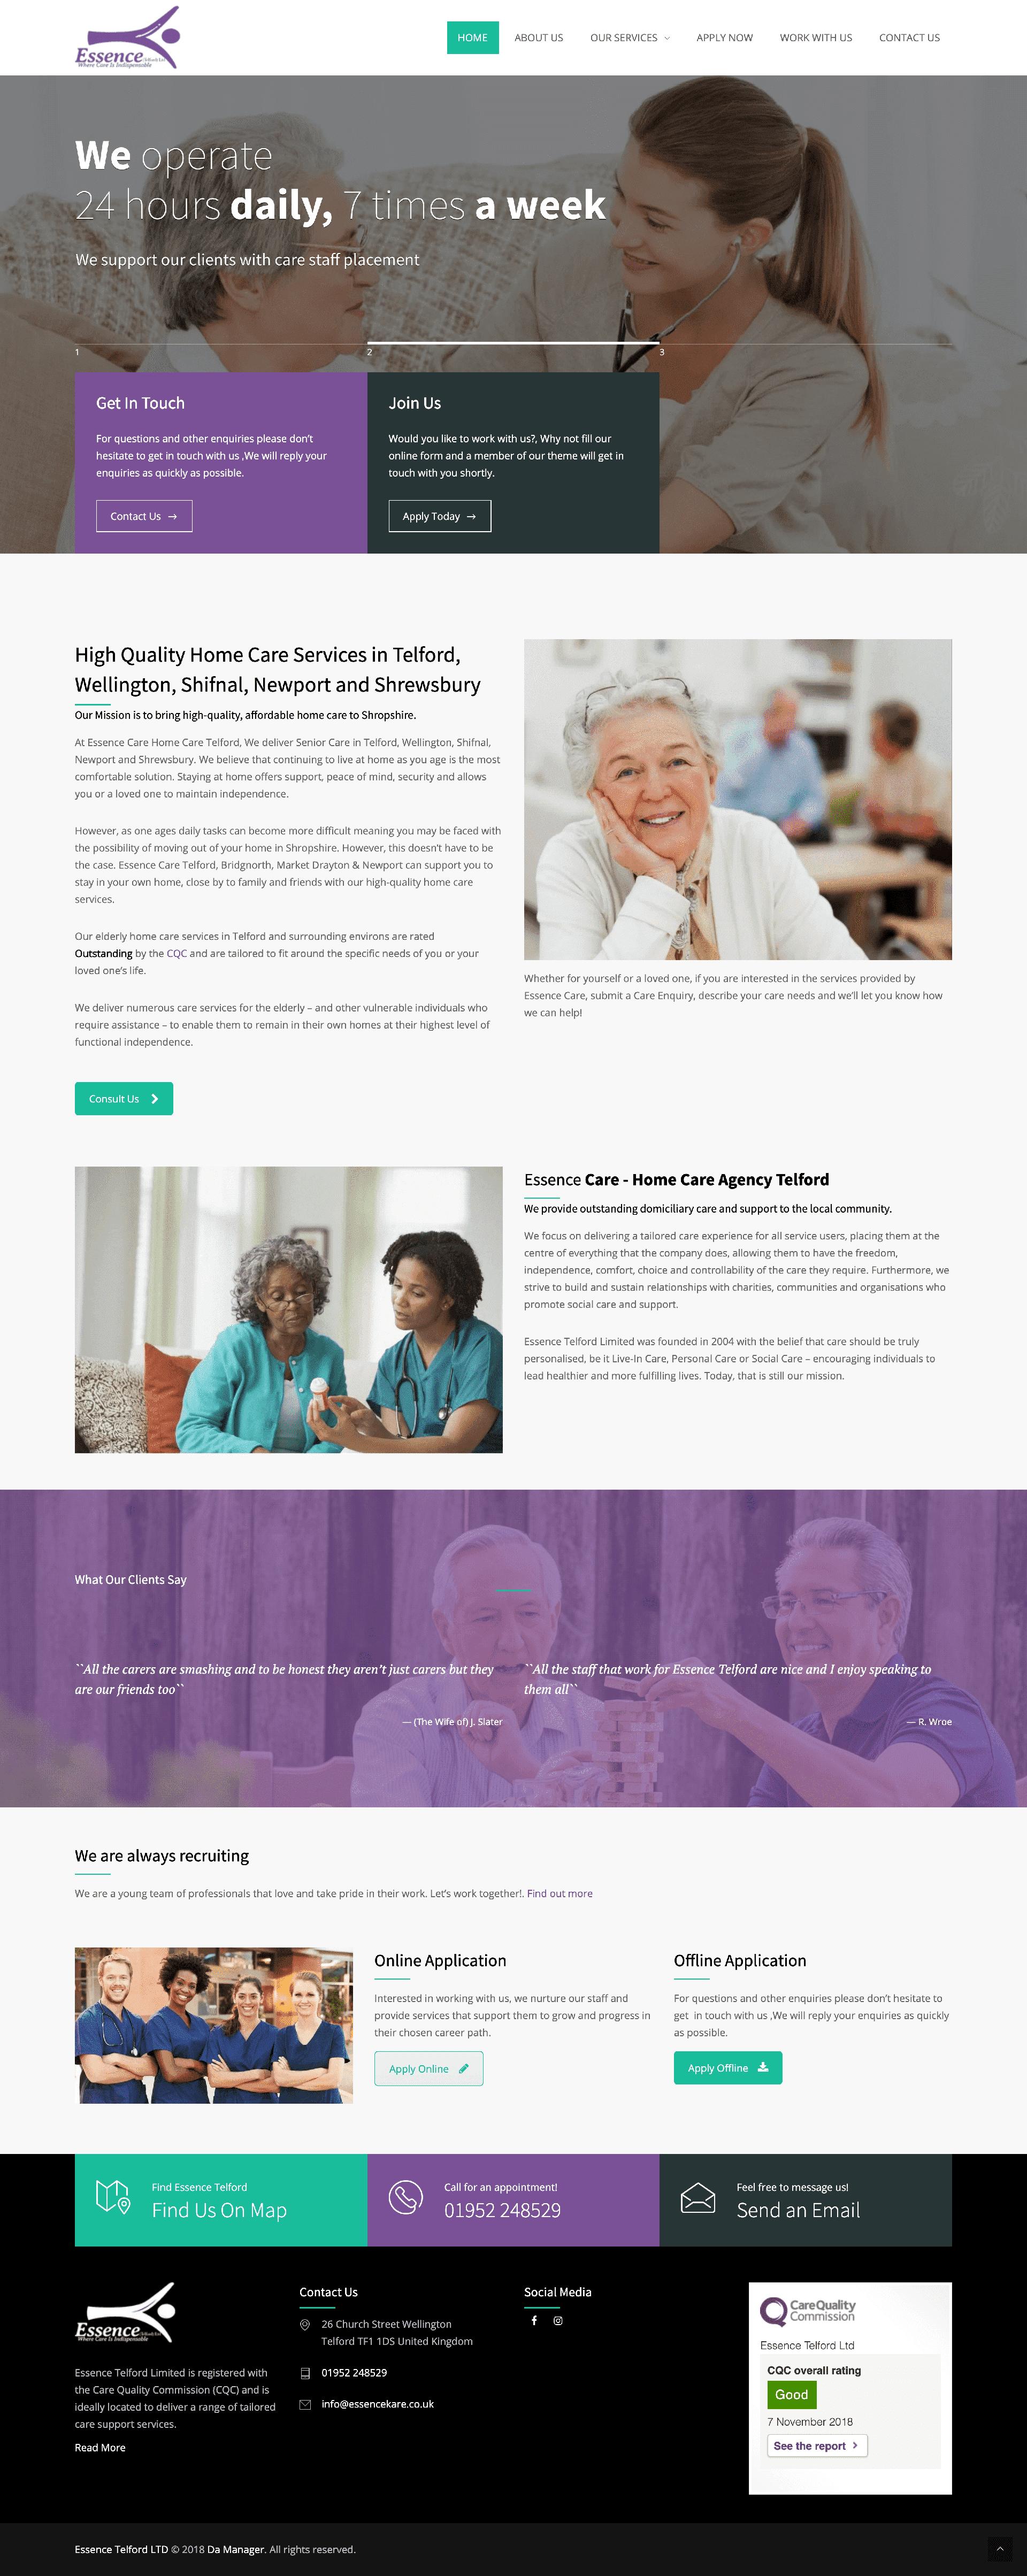 Website Design for Health and Social Care Provider - Essence Kare mockup